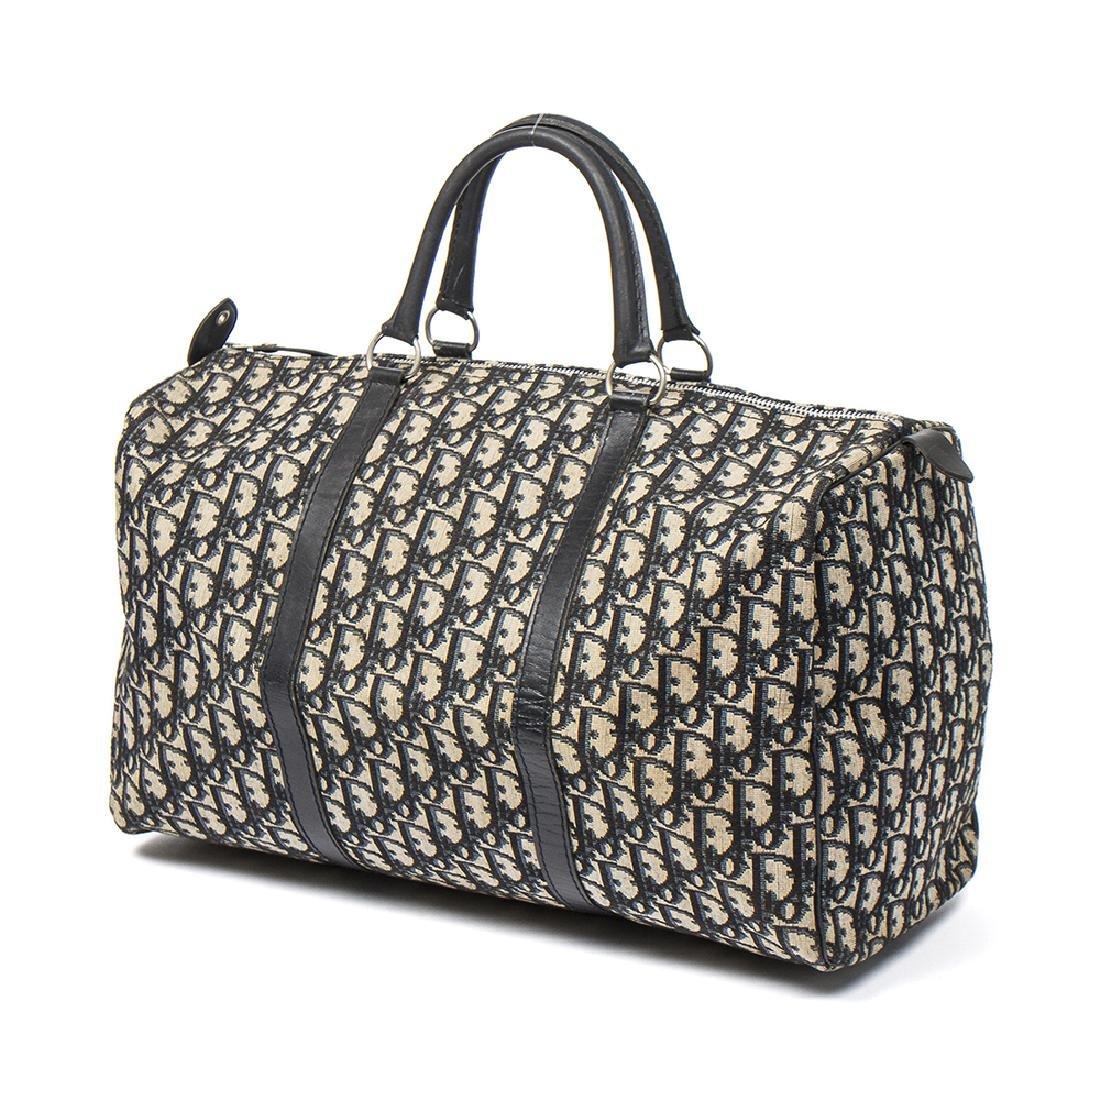 Dior Boston Bag - 2